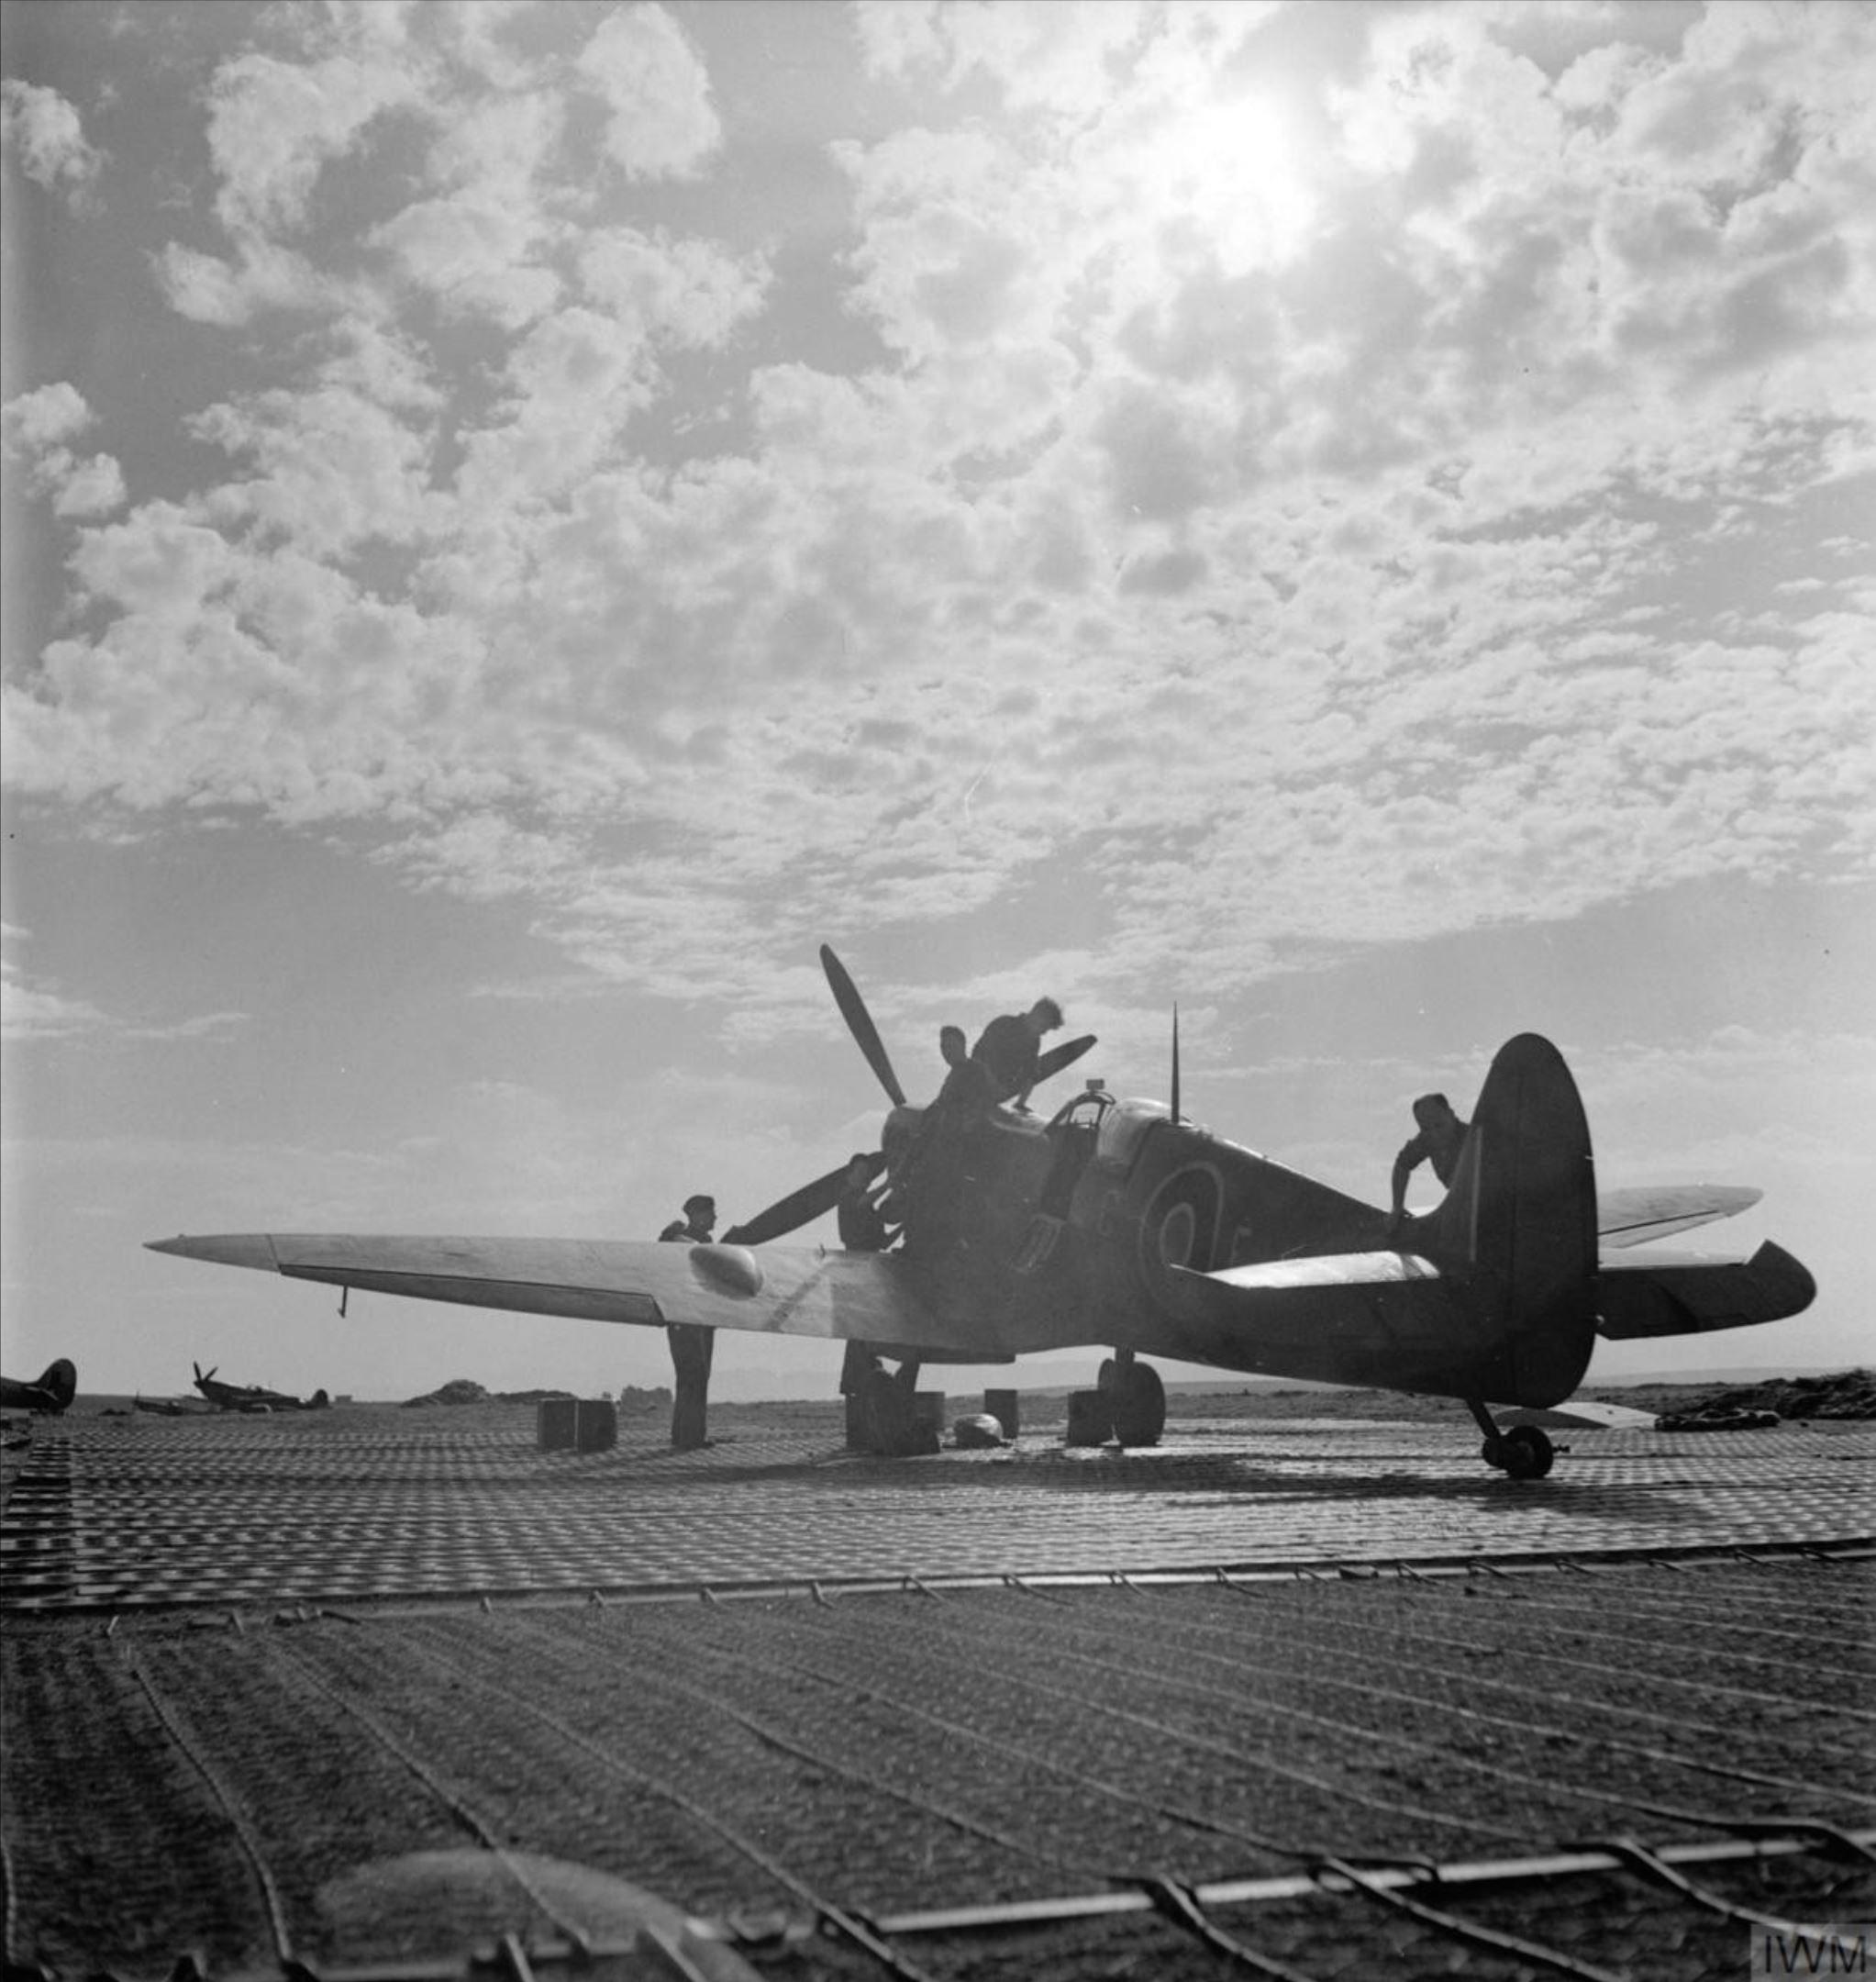 Spitfire MkIX RAF 81Sqn undergoing servicing at Tingley Algeria IWM CNA3836